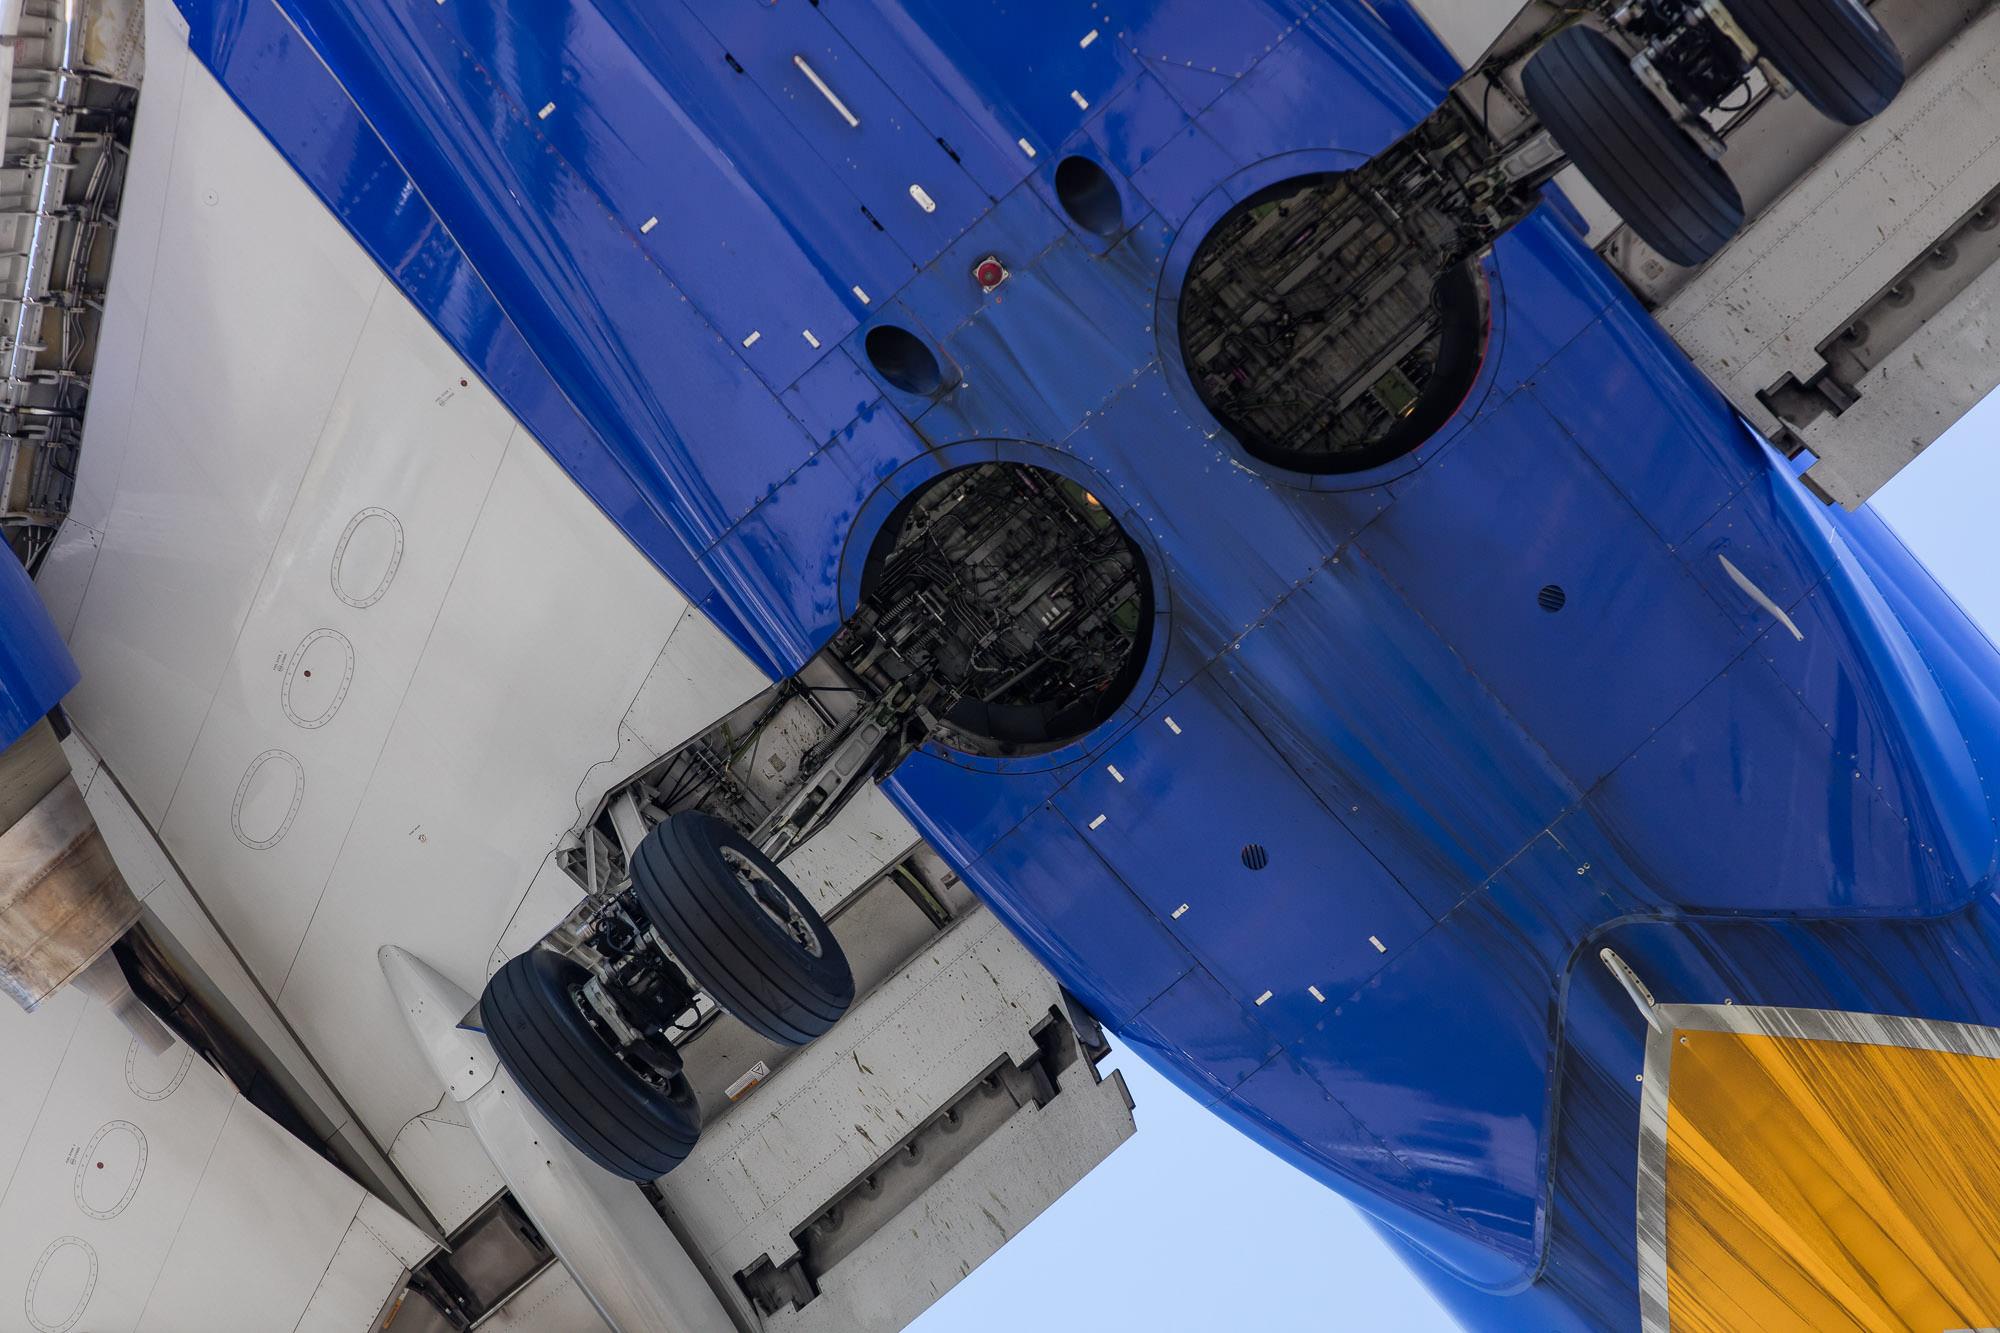 mike-kelley-final-approach-aviation-4.jpg